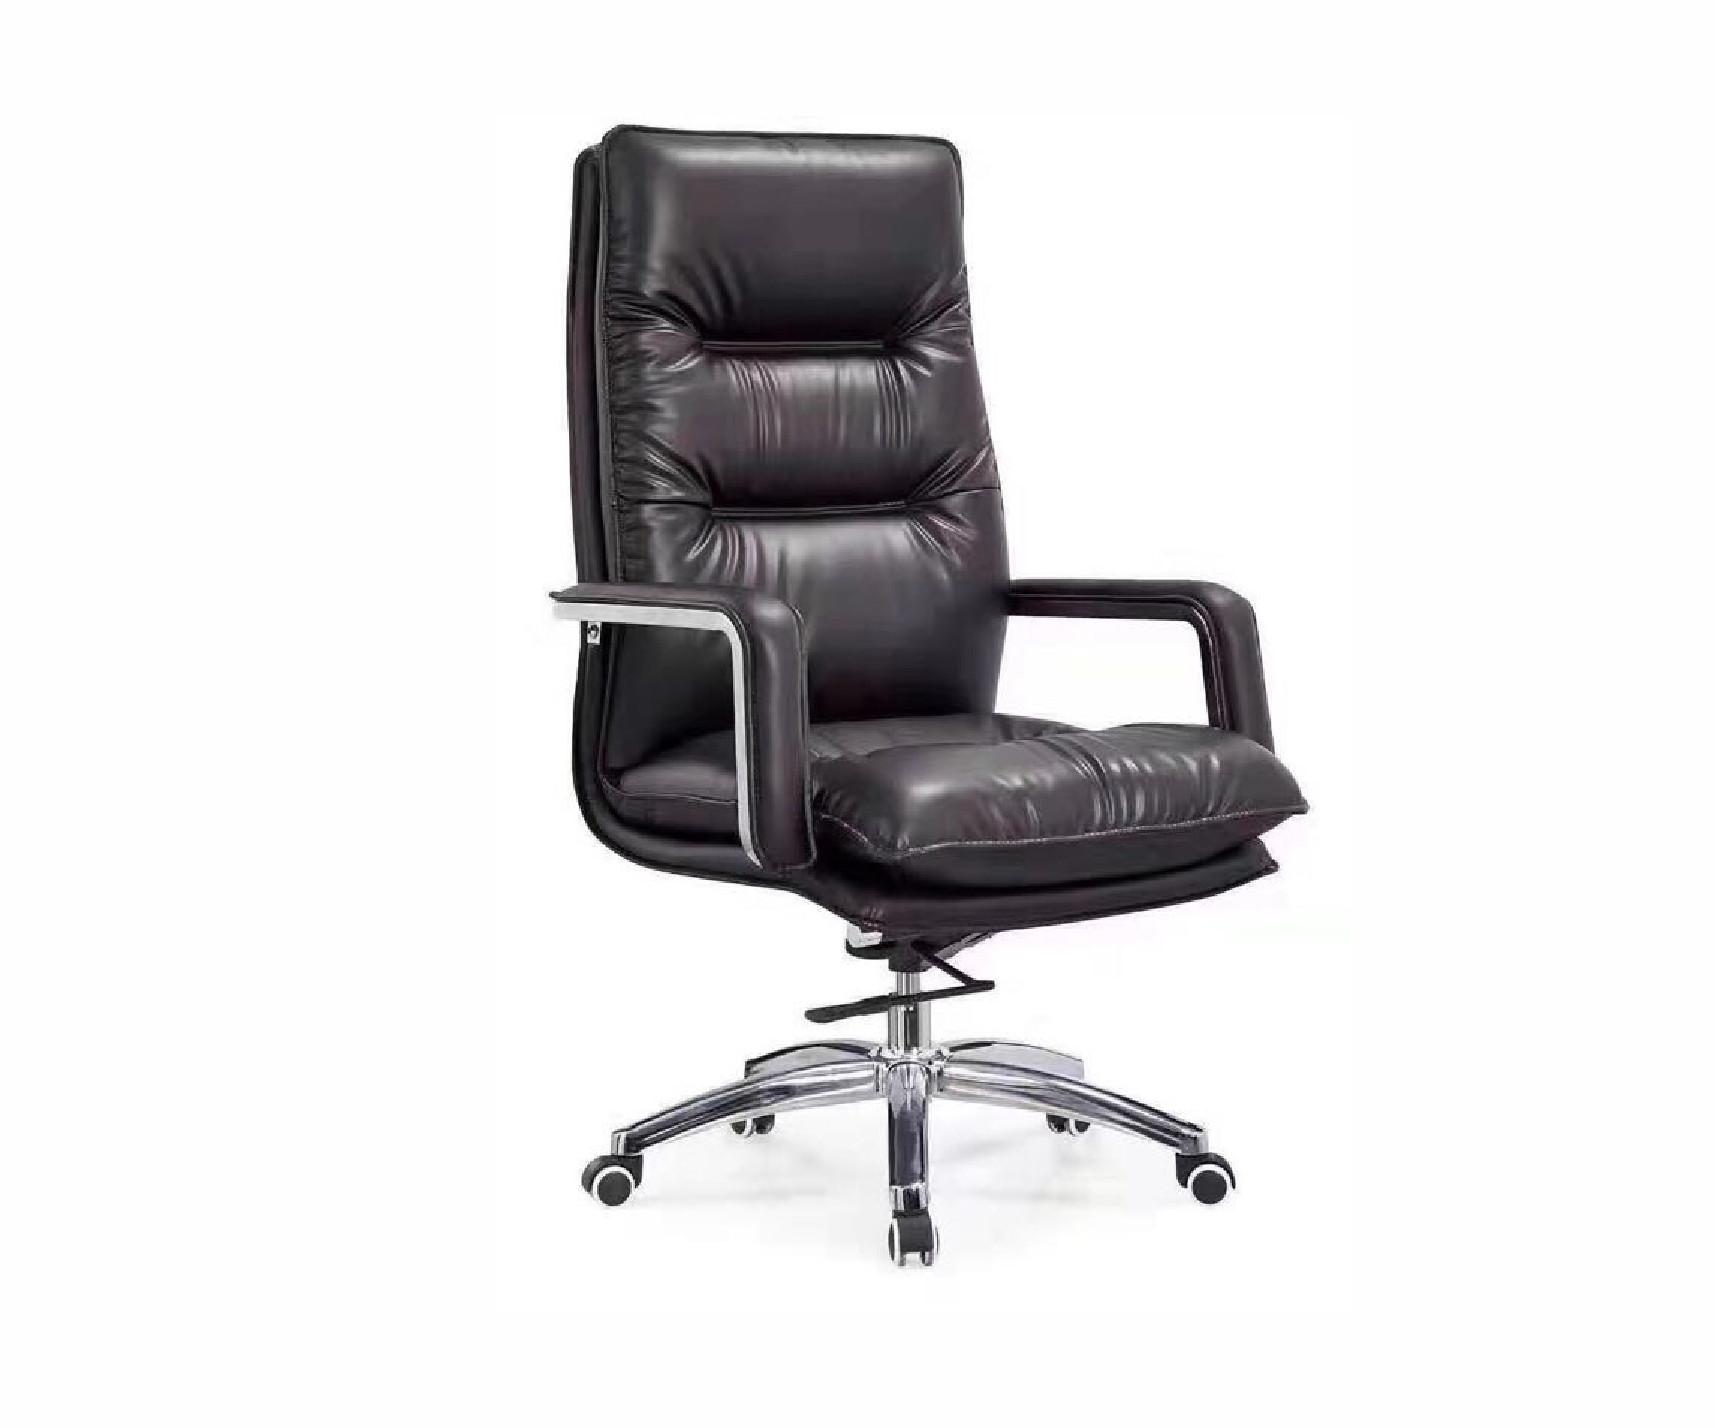 Ghế xoay văn phòng nhập khẩu MN-G256A (Đen)